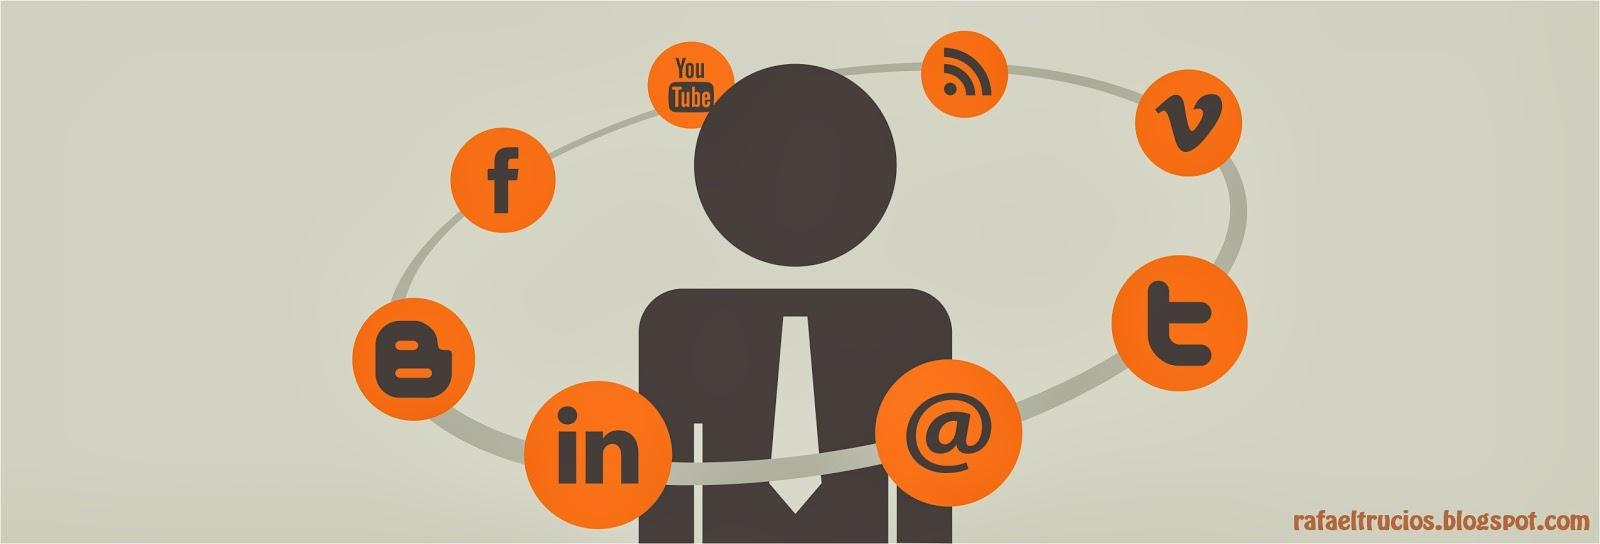 Presentación:  Taller practico Marketing por Internet por Rafael Trucíos en UNIVERSIDAD CIENTÍFICA DEL SUR